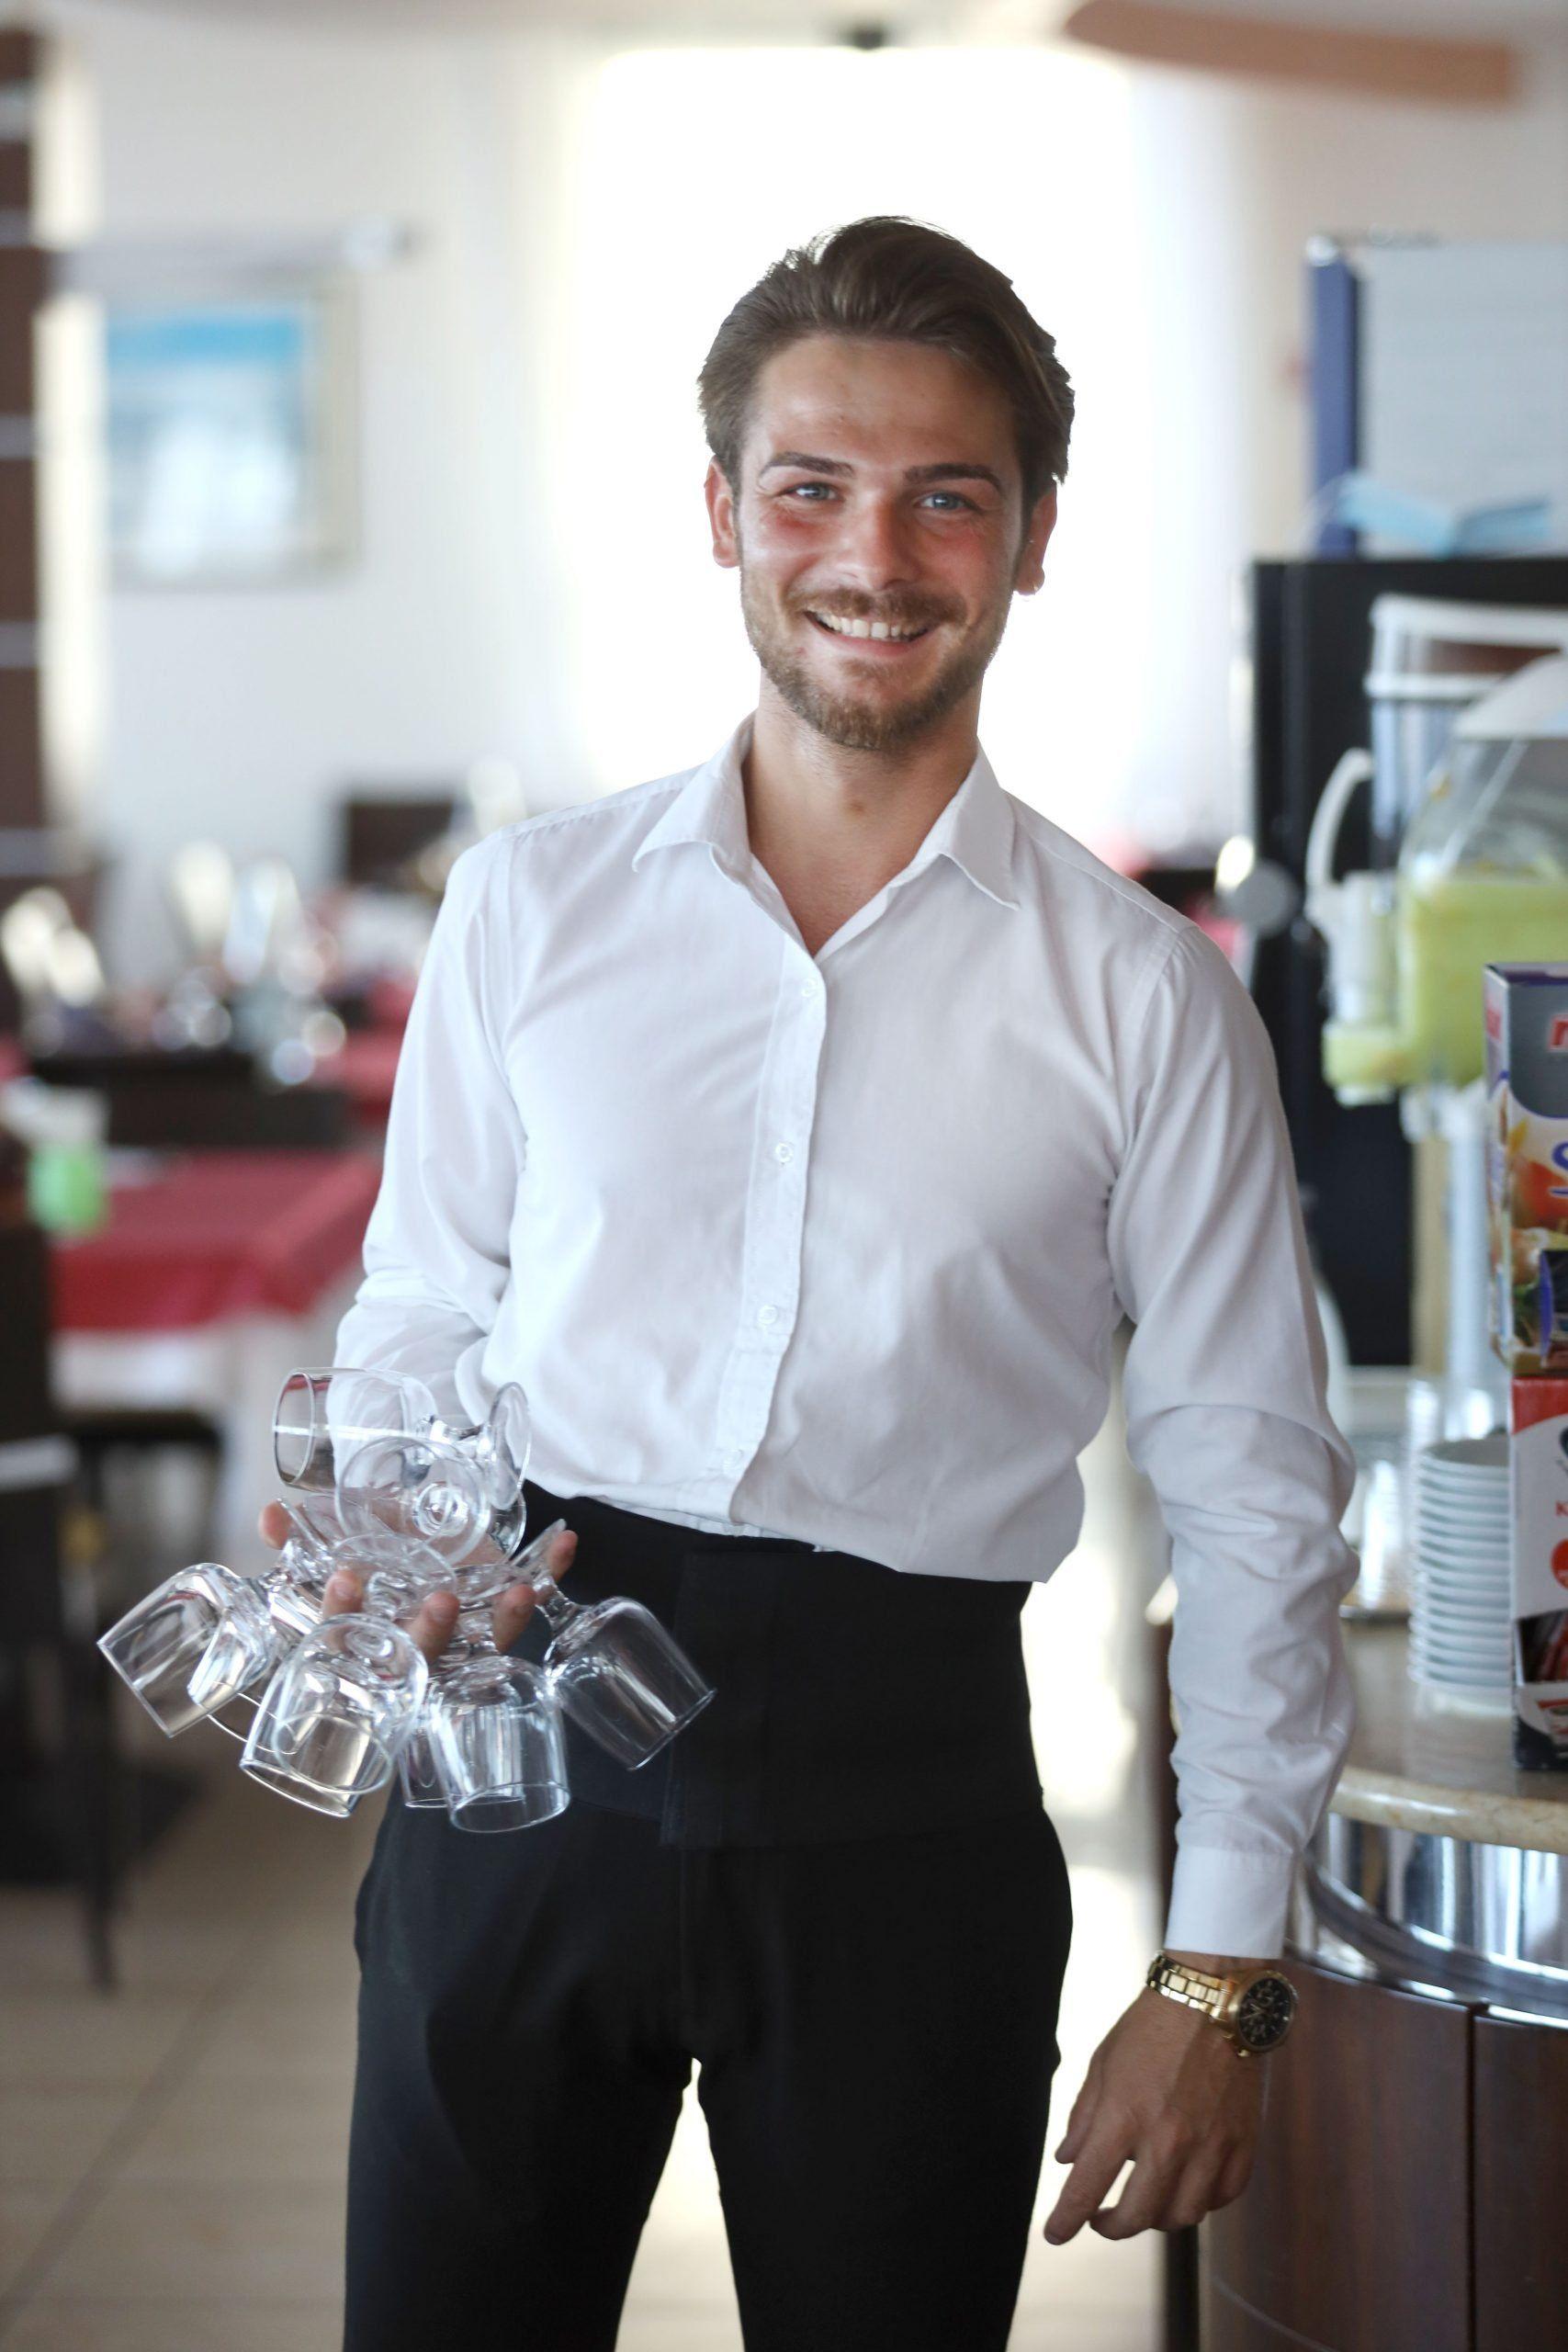 Cameriere Ristorante Internazionale